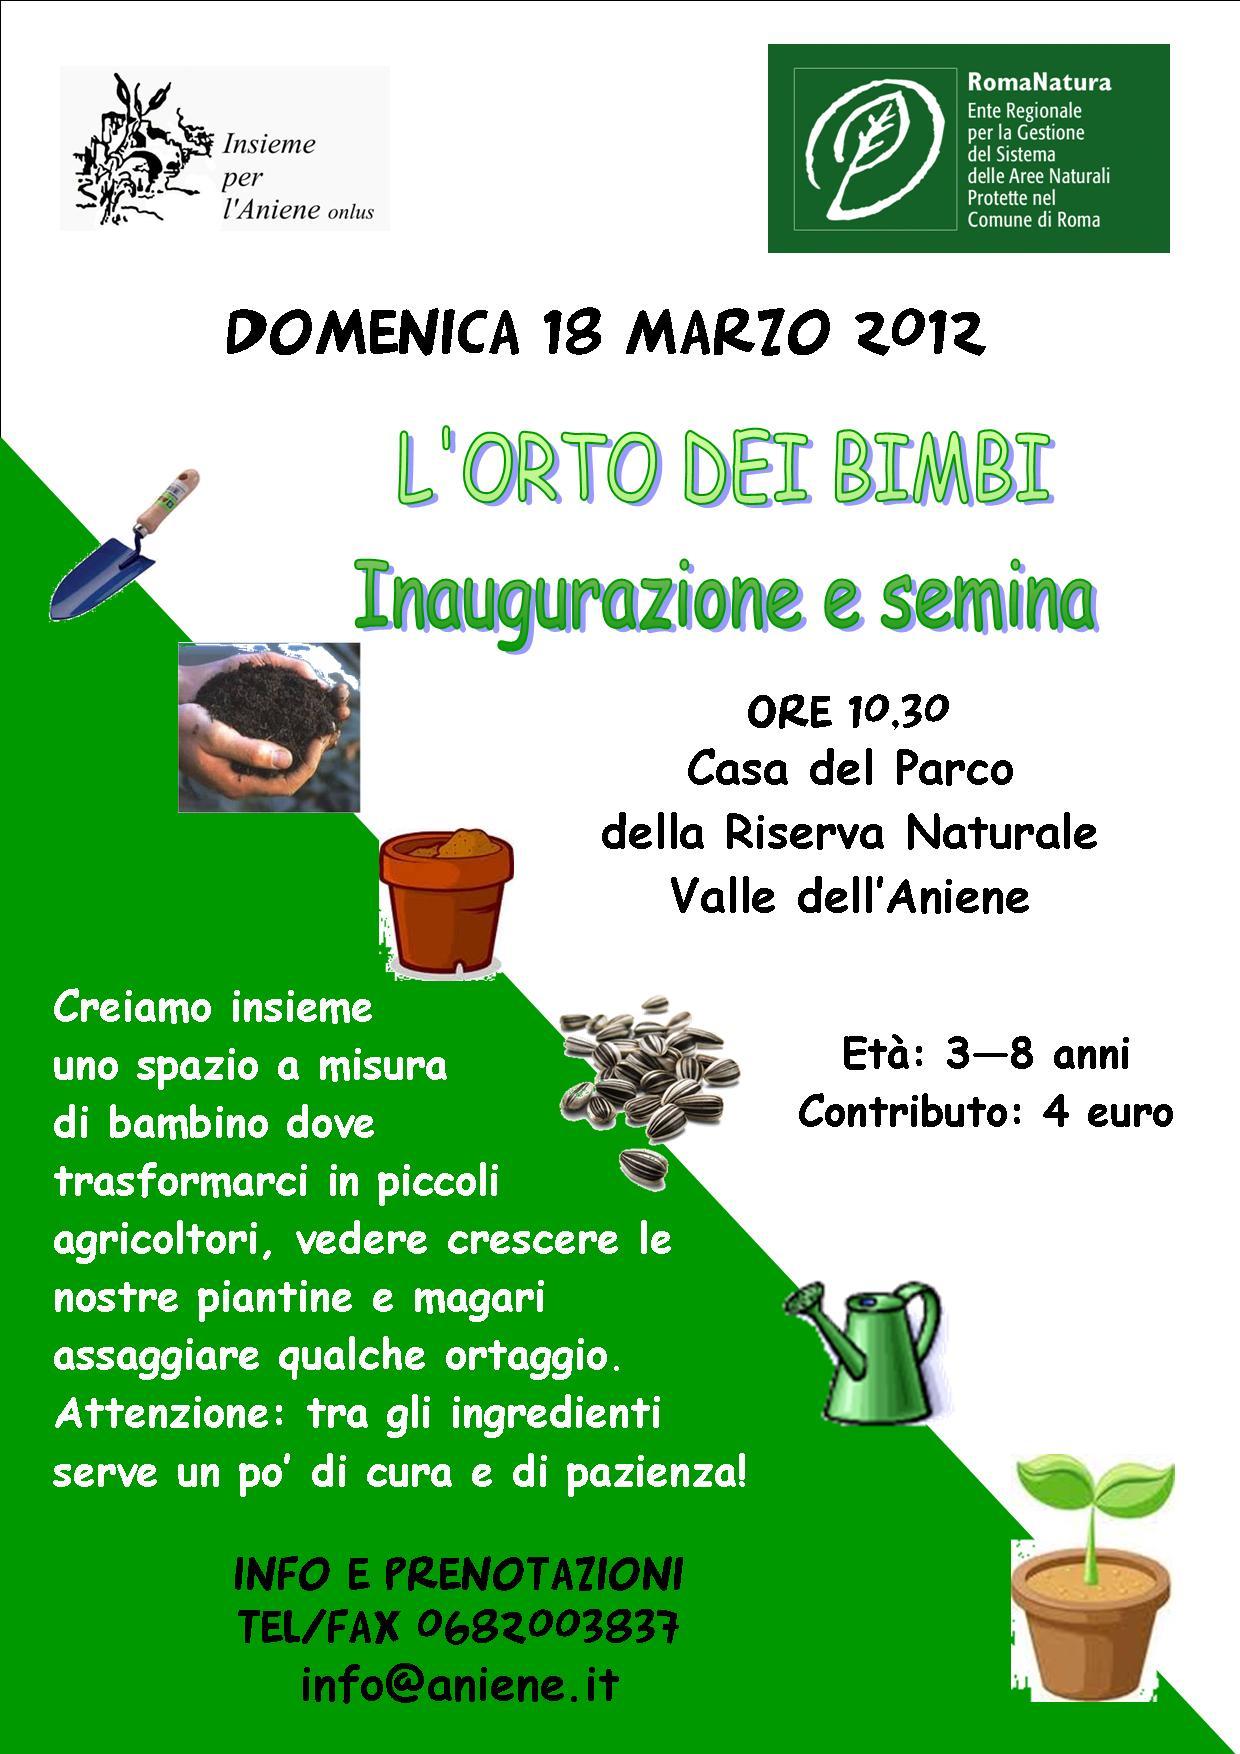 18 MARZO 2012  RiservAniene Eventi L'ORTO DEI BIMBI Ludoteca